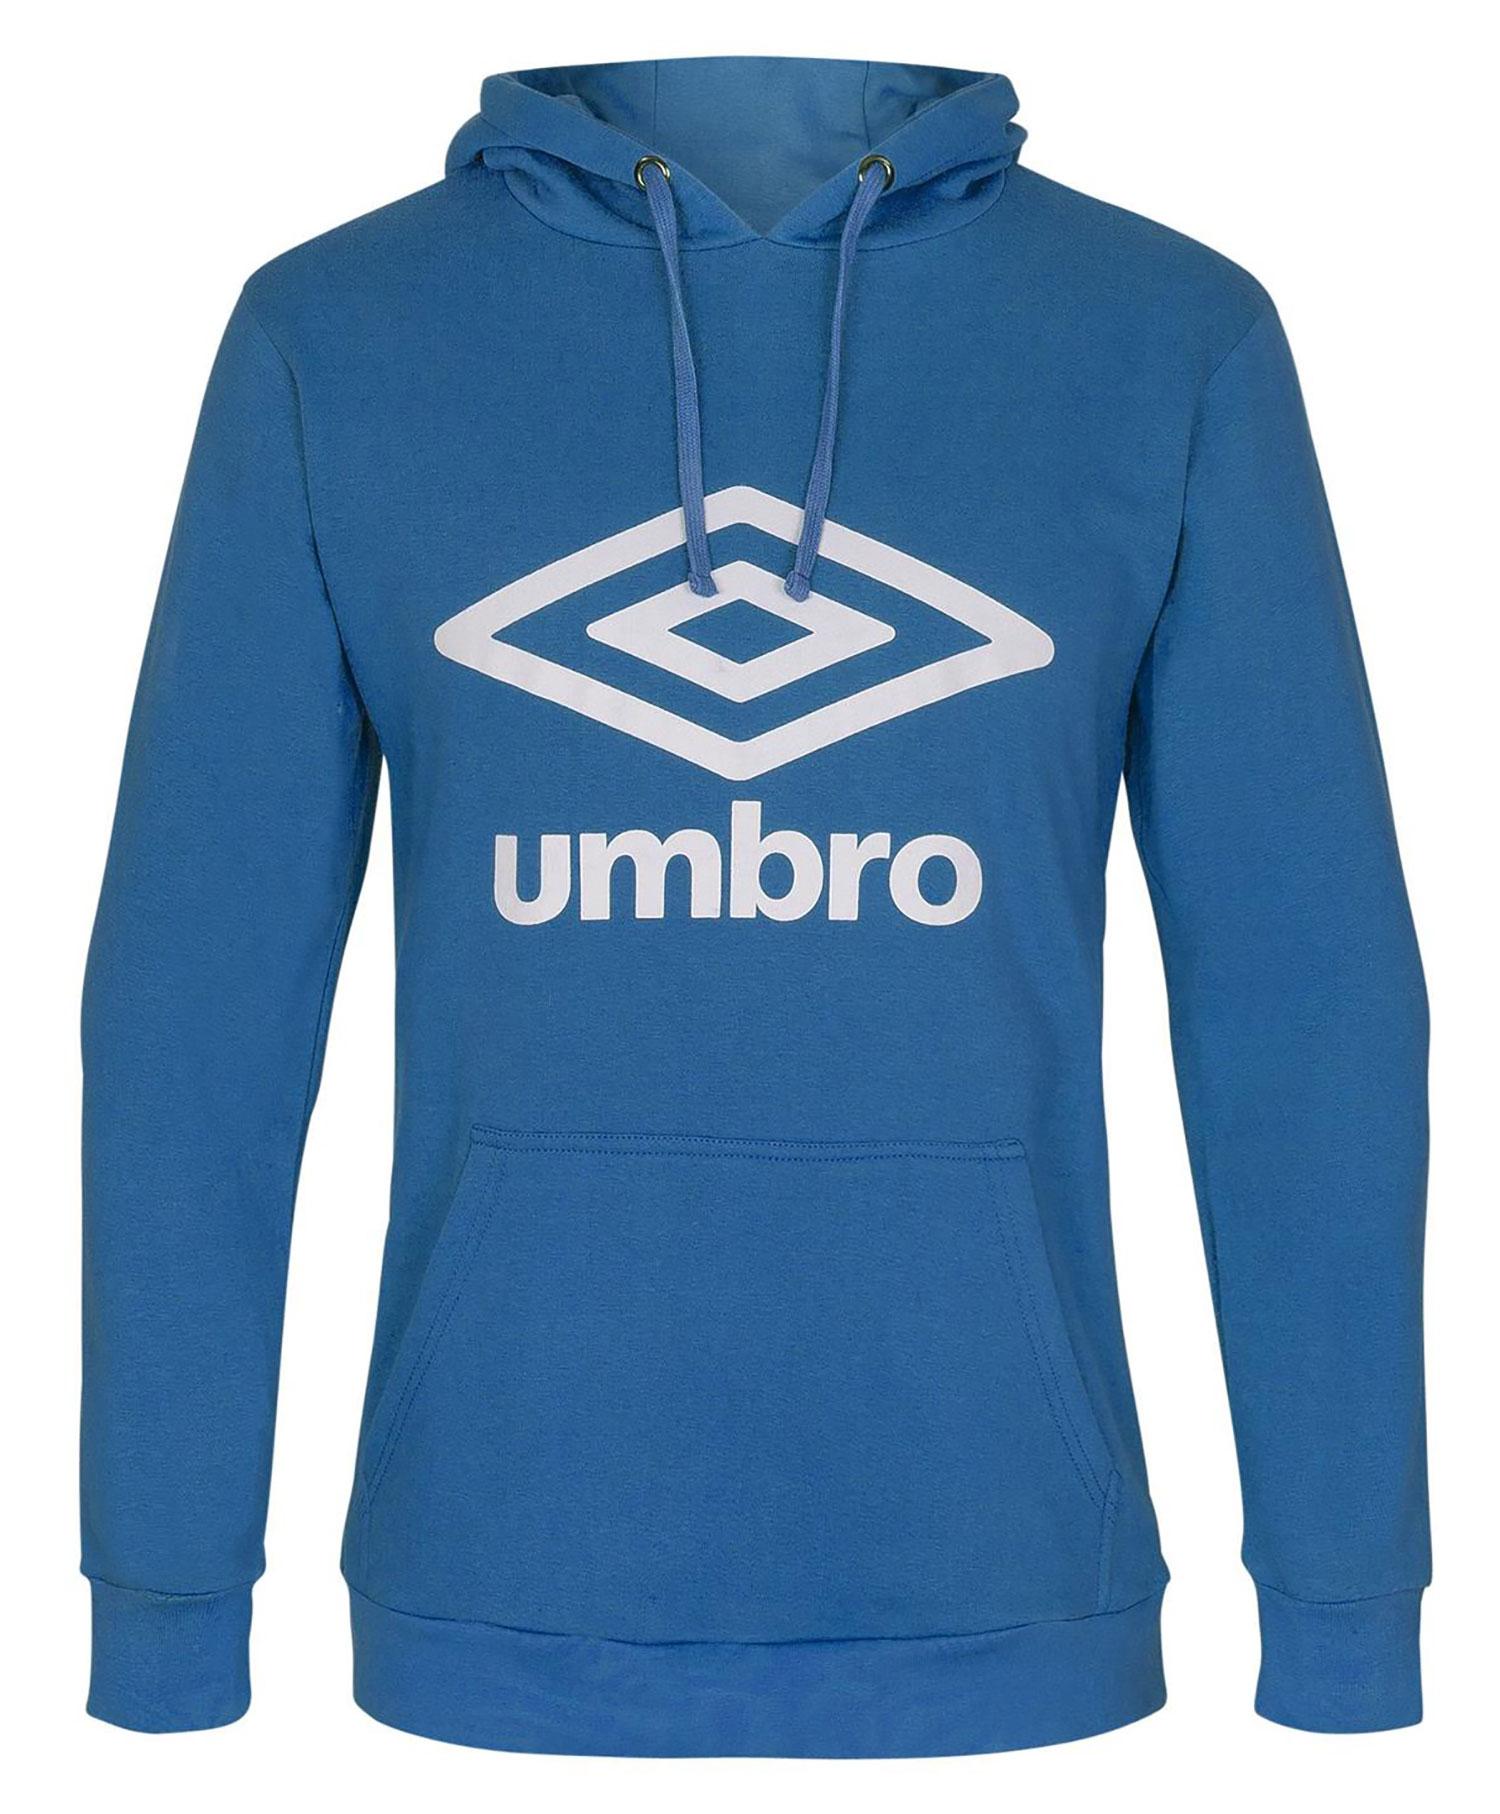 Umbro Logo Hood